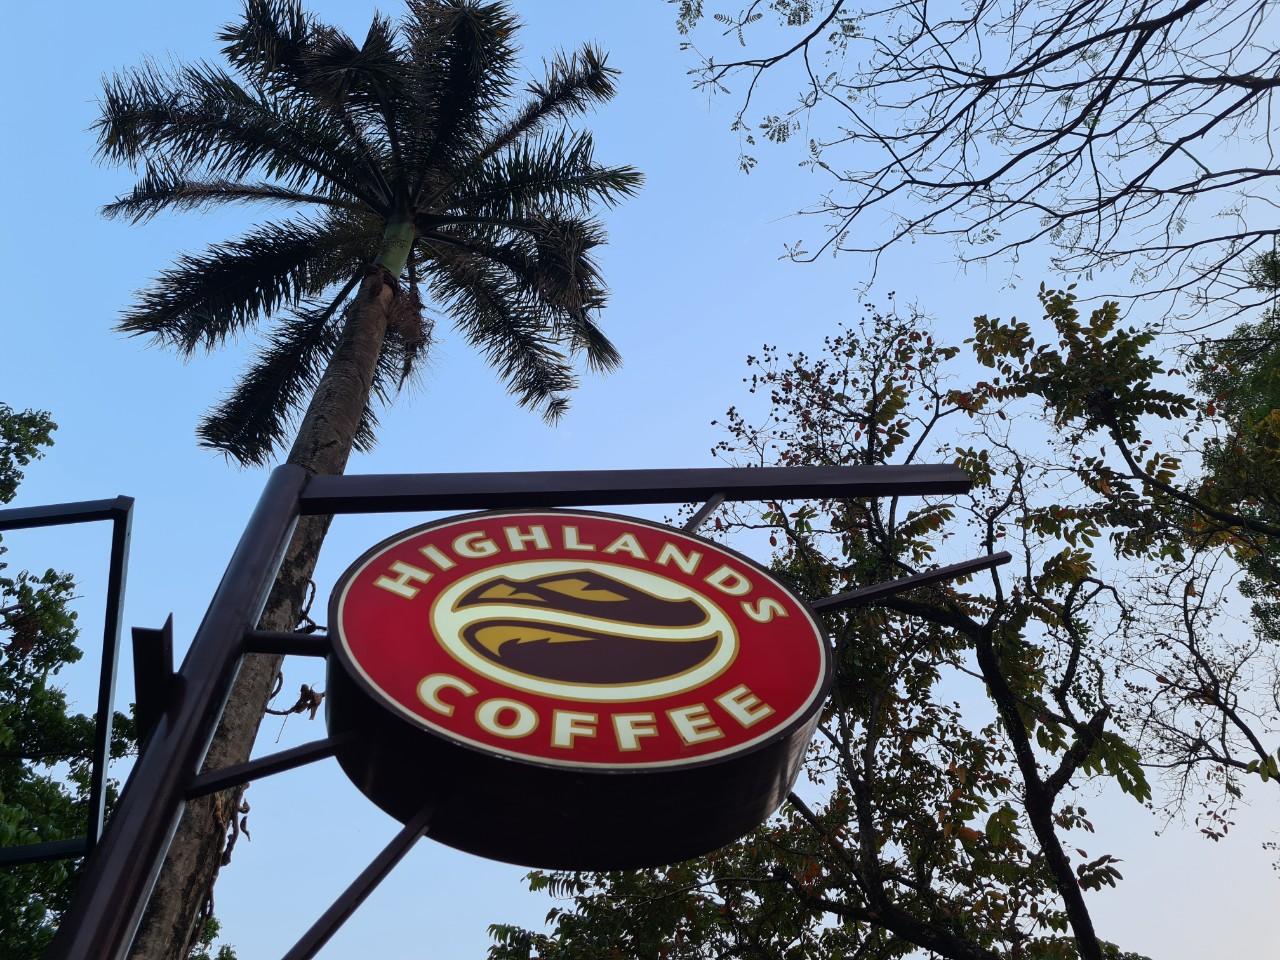 Highlands Coffee, Phở 24 giờ ra sao sau khi bán mình cho công ty Philippines? - Ảnh 2.